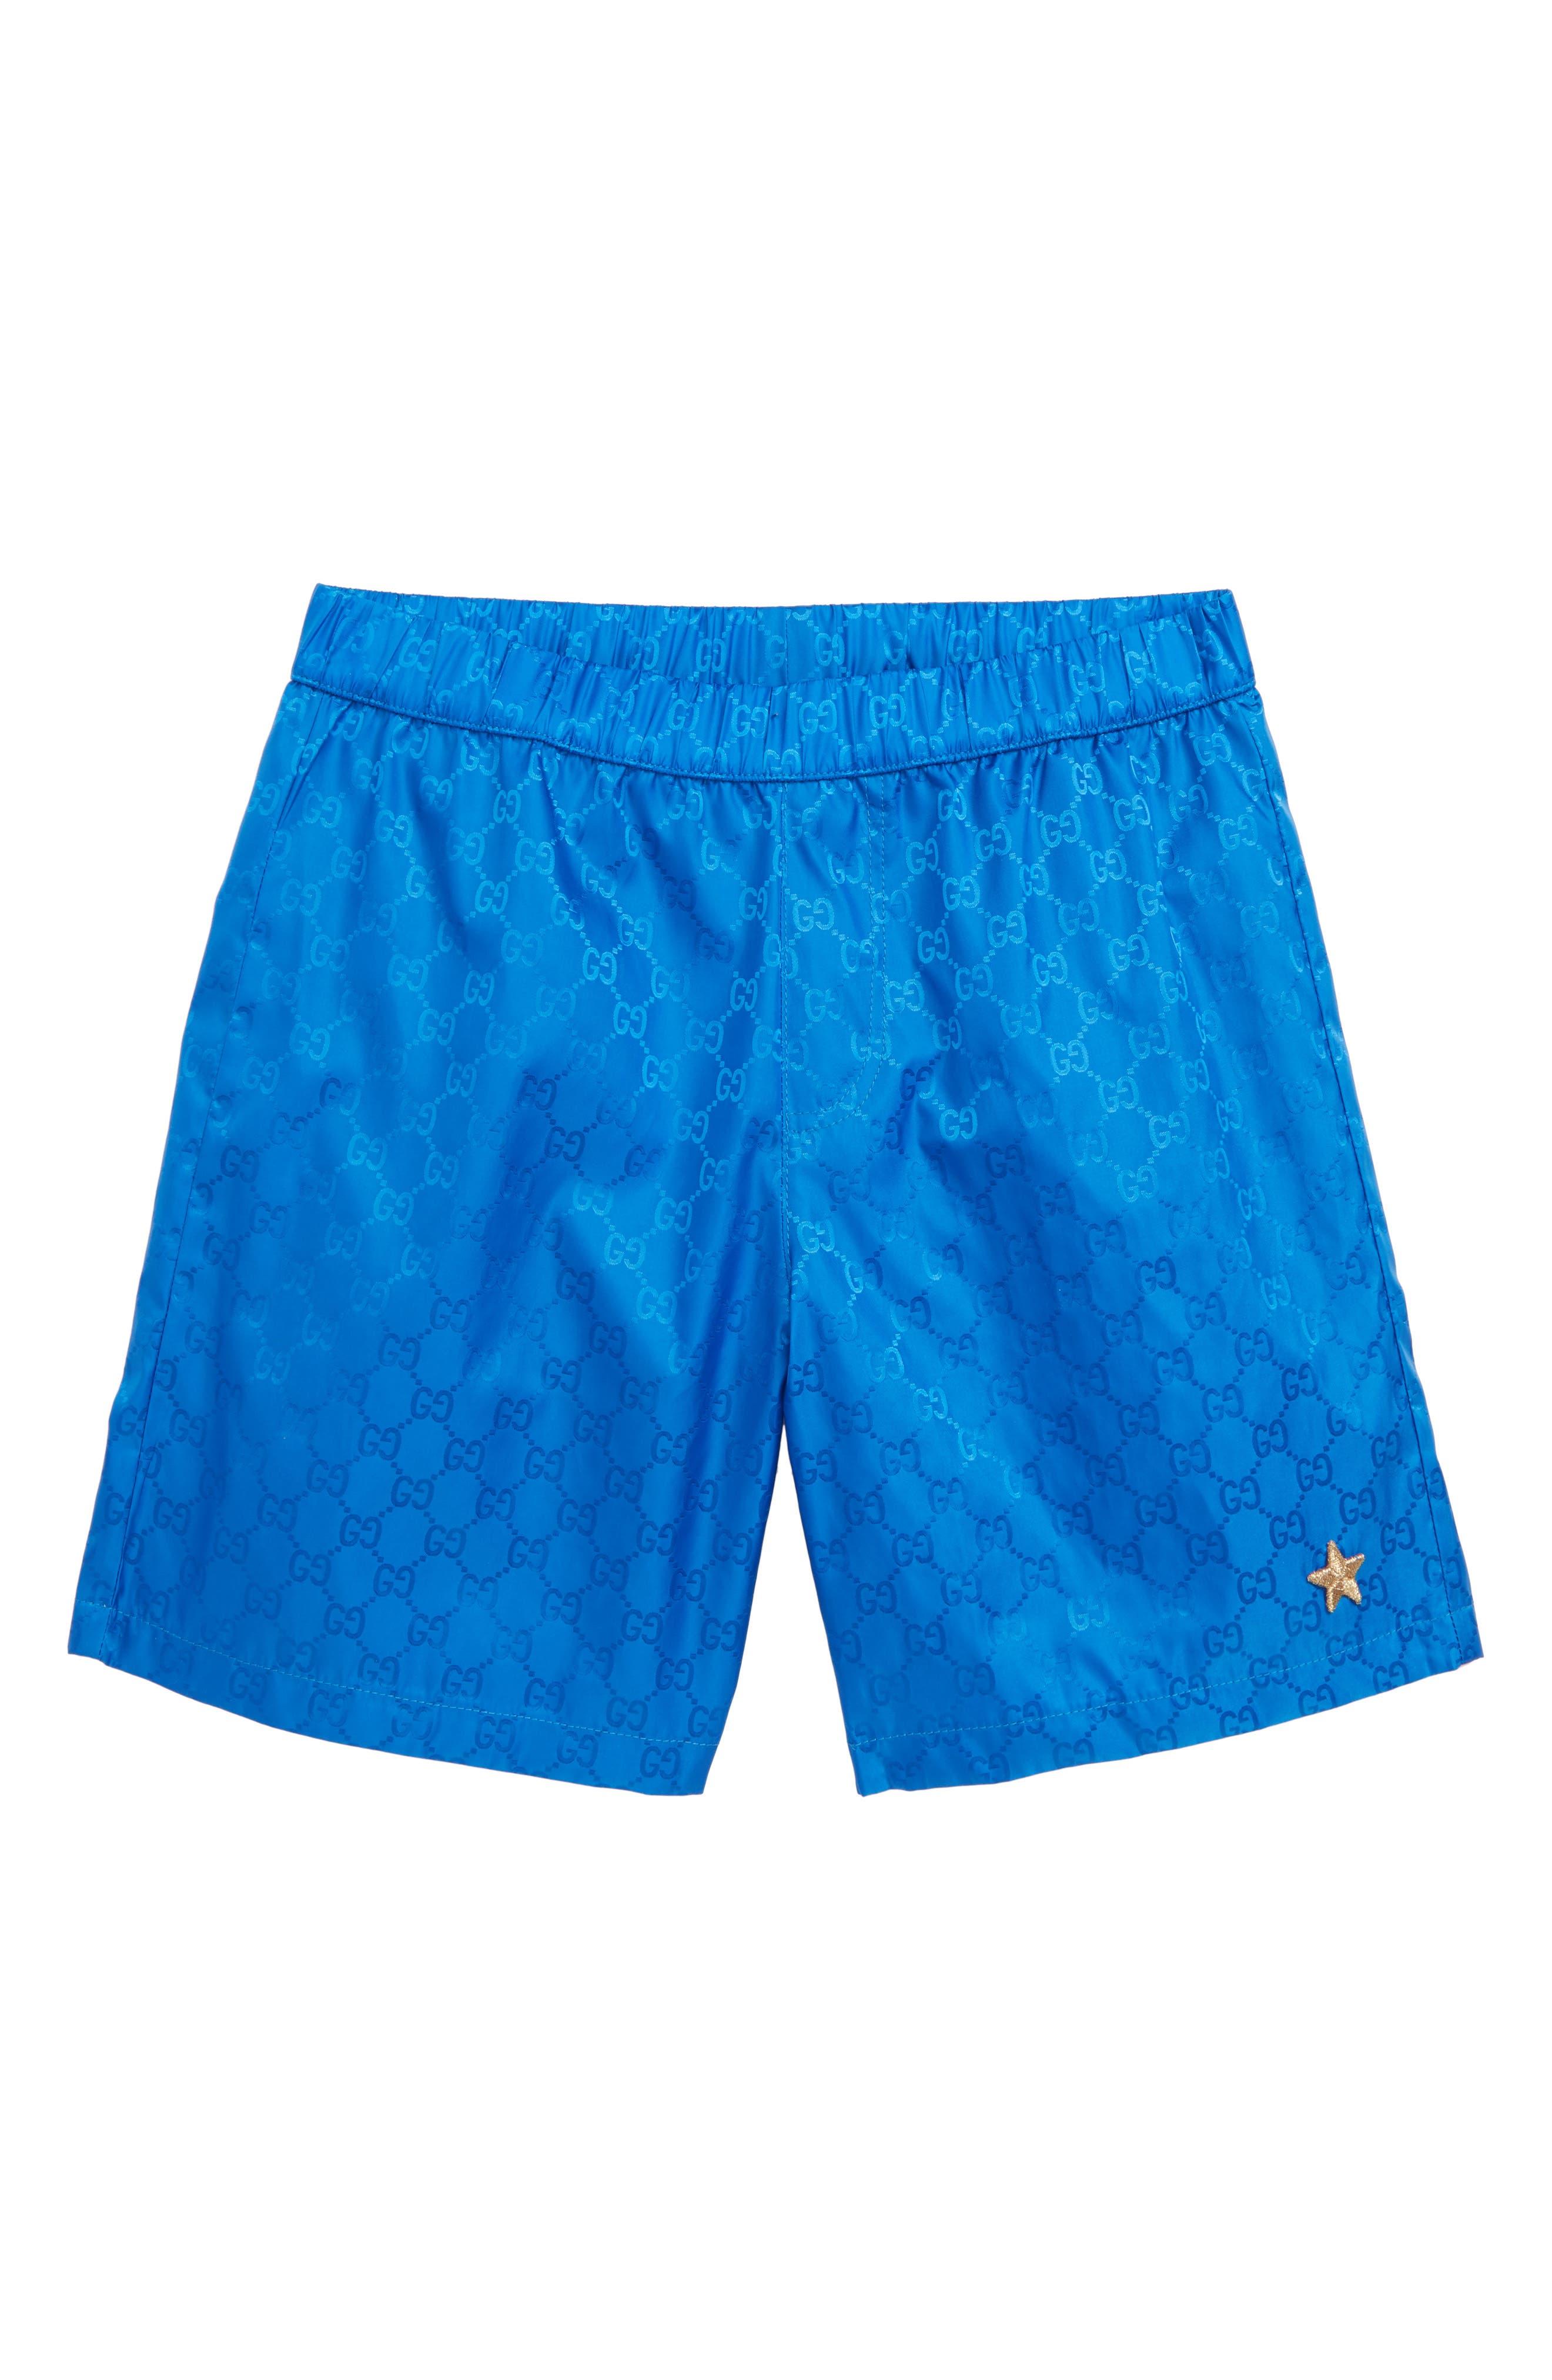 GUCCI, Double-G Boxer Shorts, Main thumbnail 1, color, VISAGE